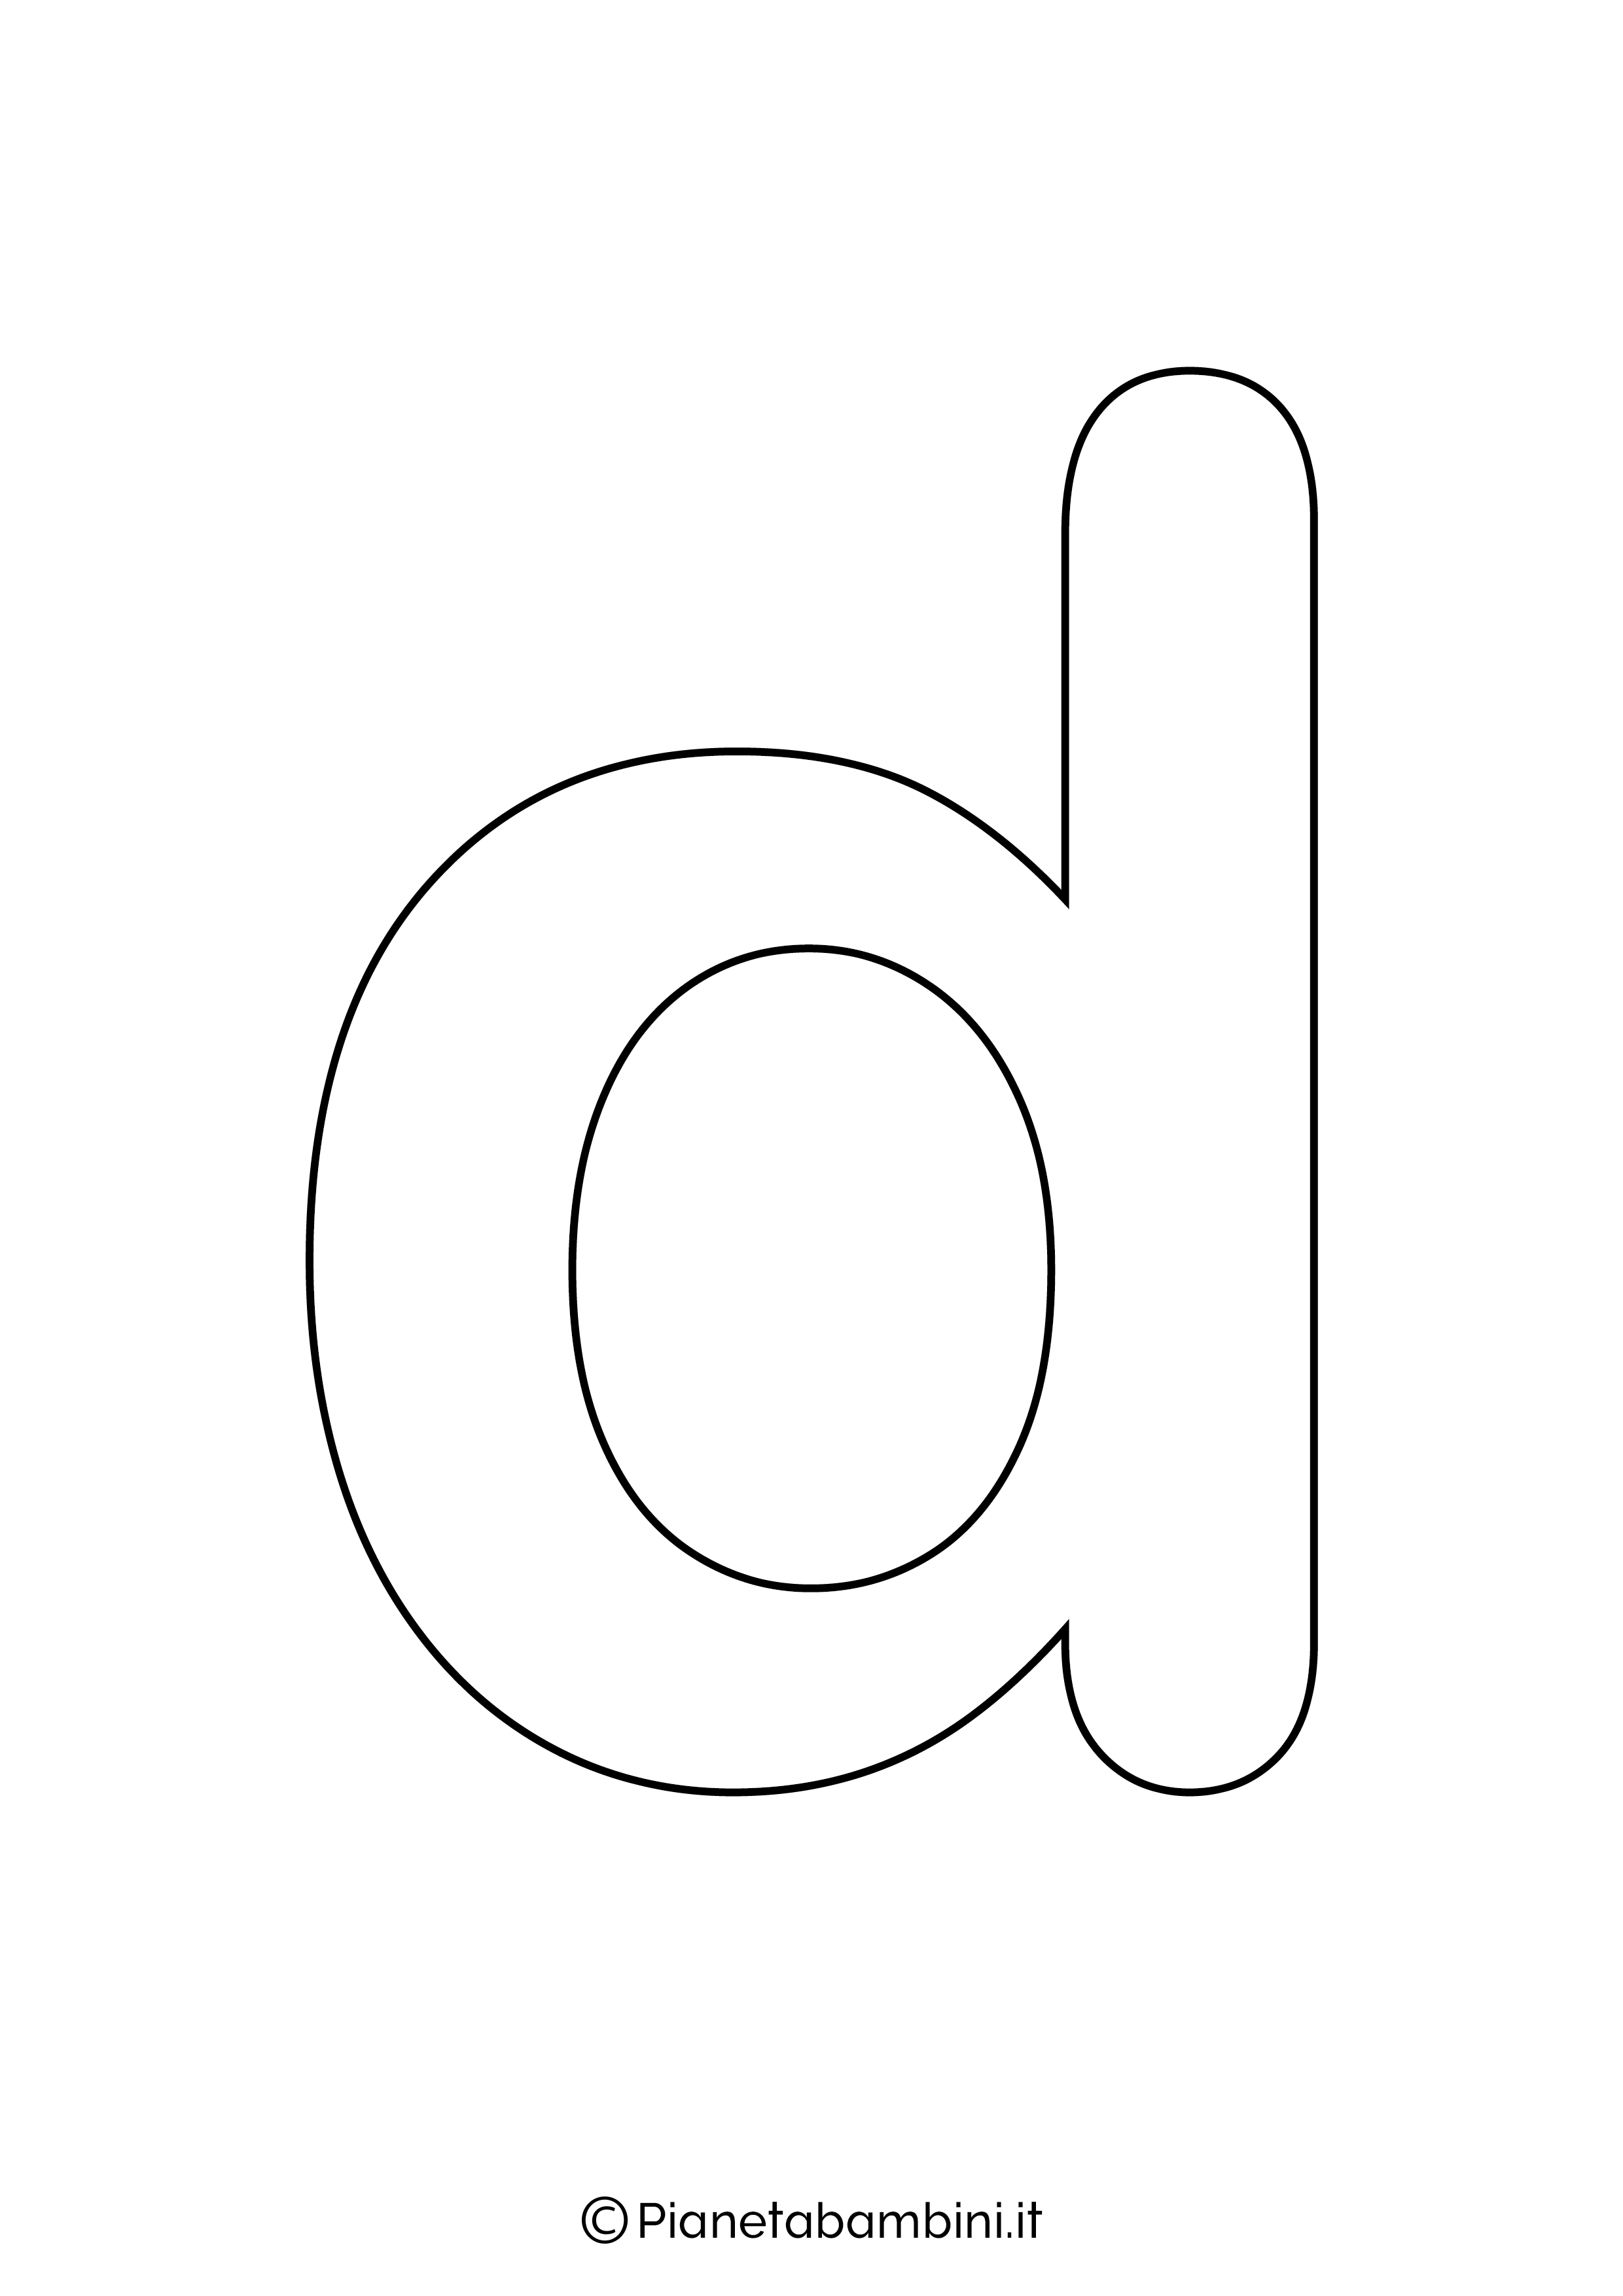 Lettera D minuscola da stampare